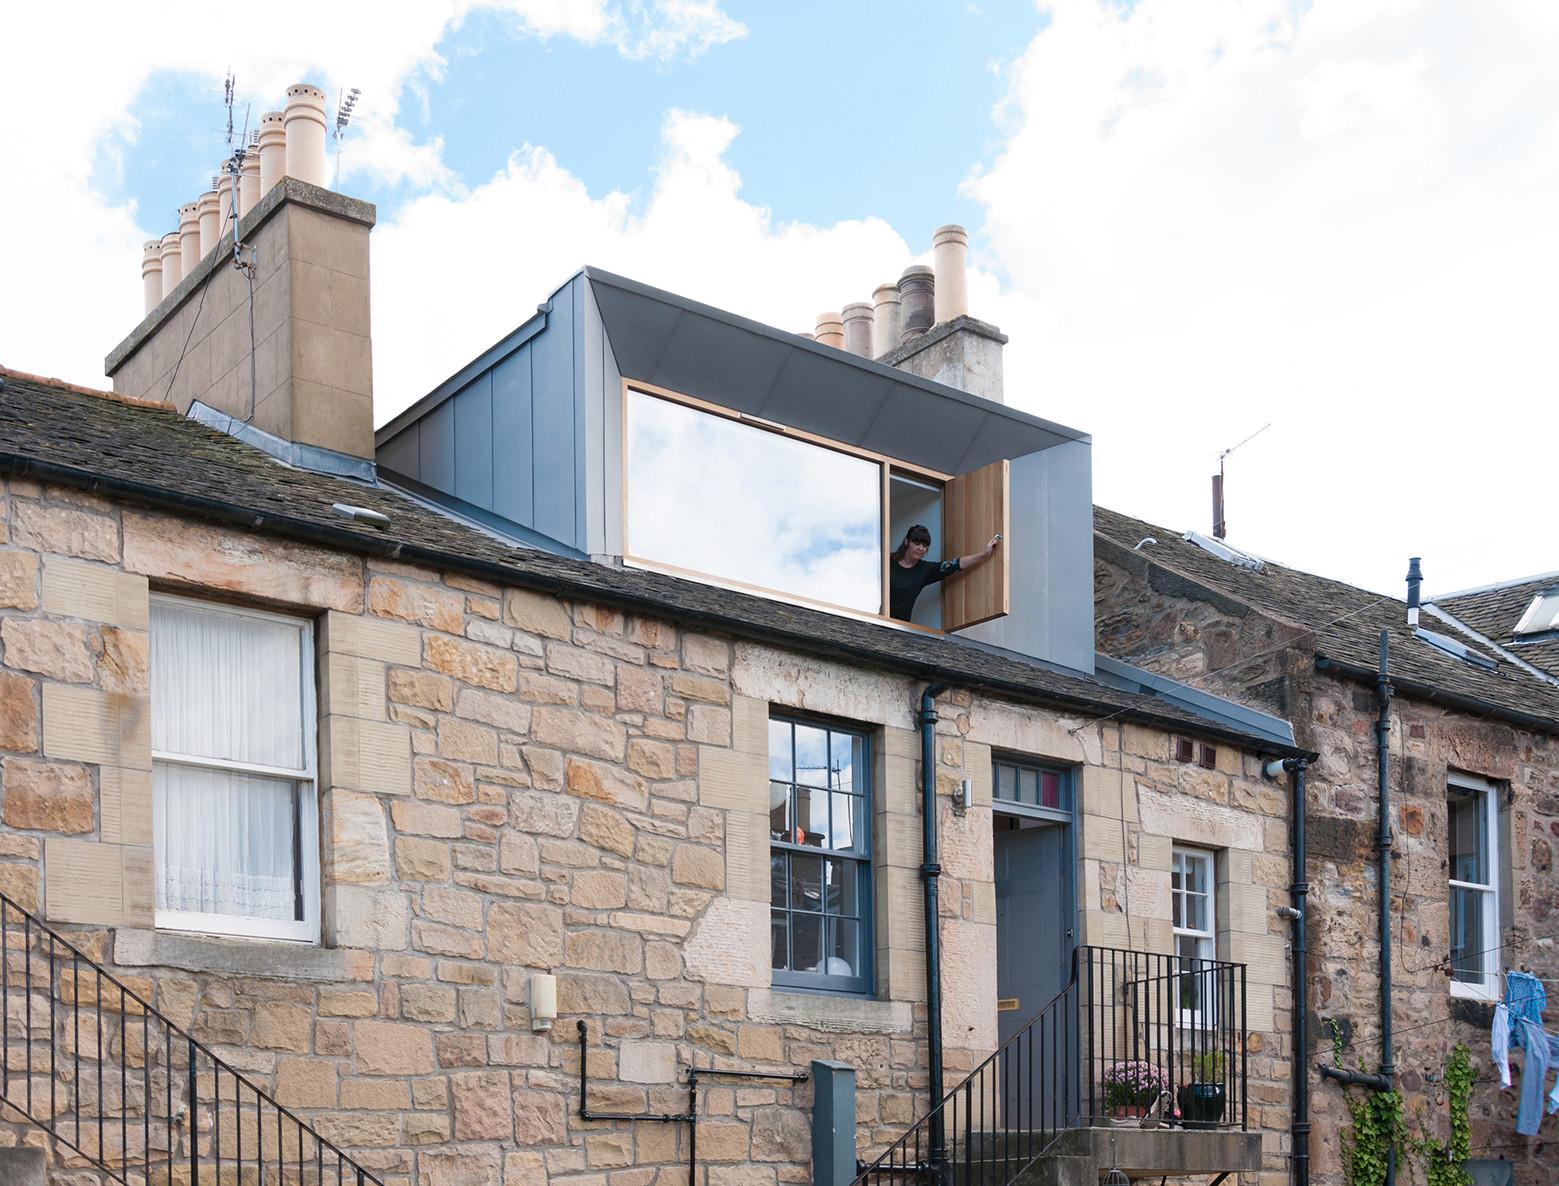 Regency Dormer / Konishi Gaffney Architects, © Alan Craigie